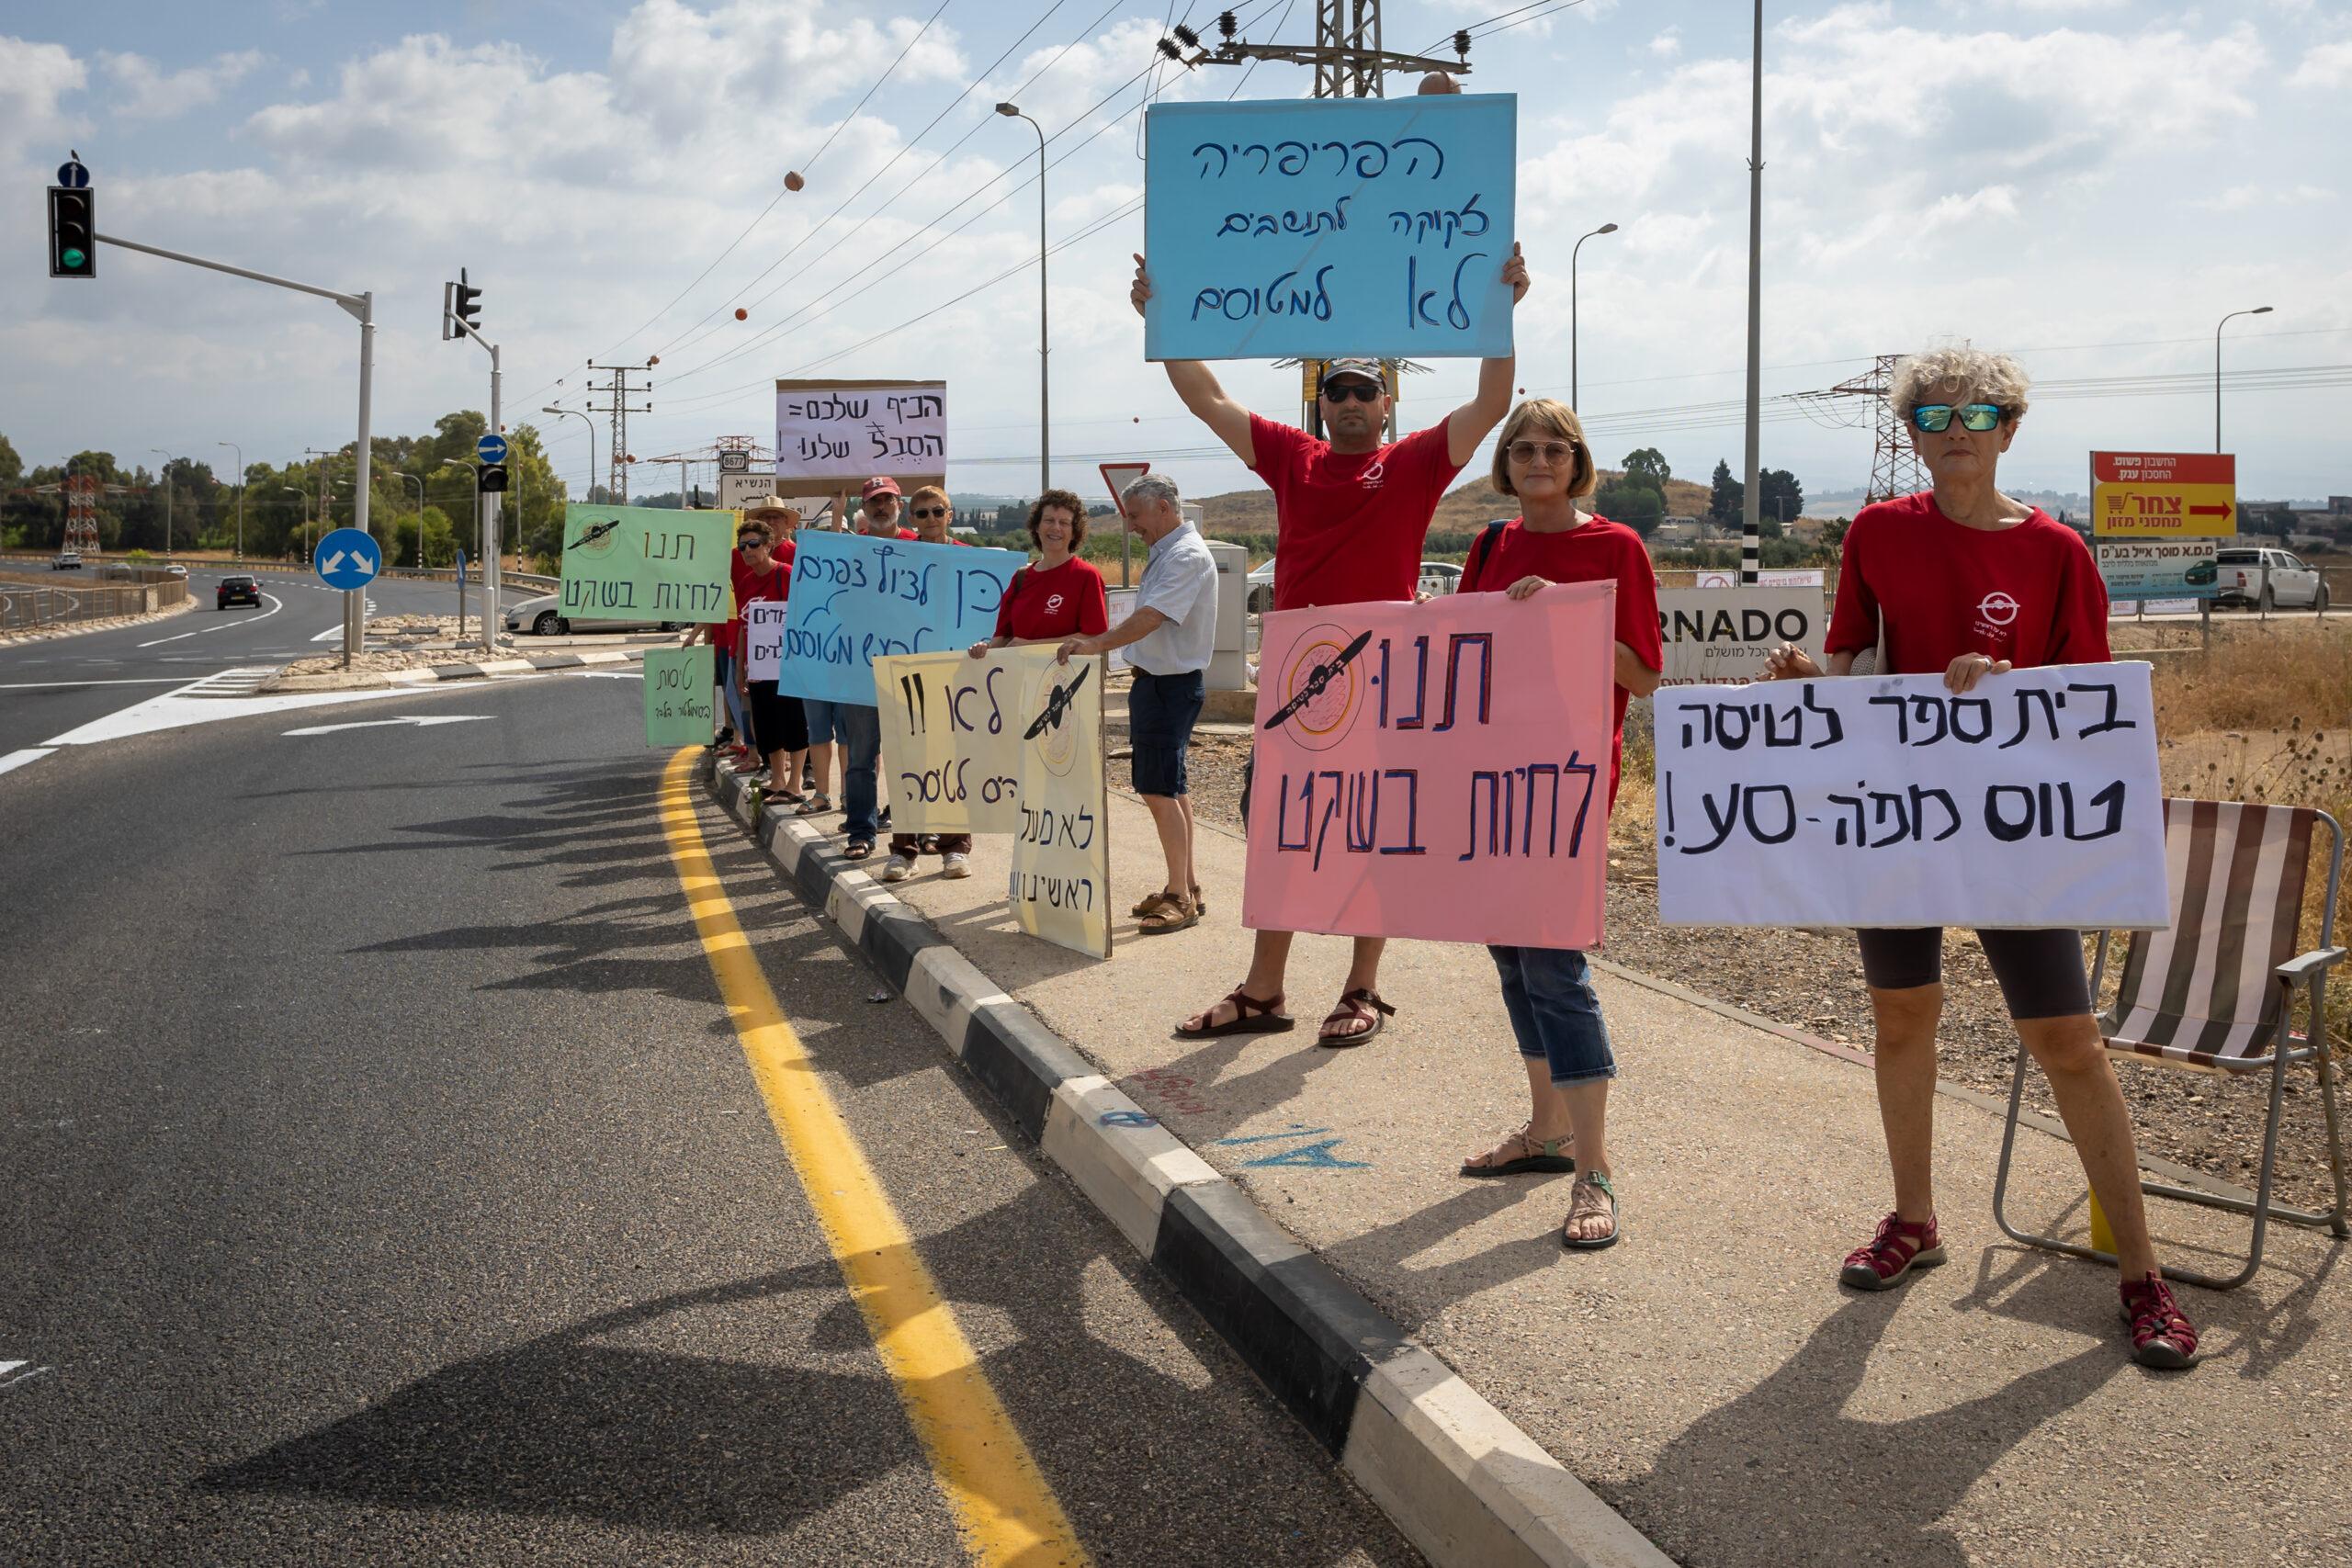 הפגנה של תושבי מחניים טובא זנגרייה וכפר הנשיא נגד פעילות בית הספר לטיס במחניים שהפך למטרד רעש